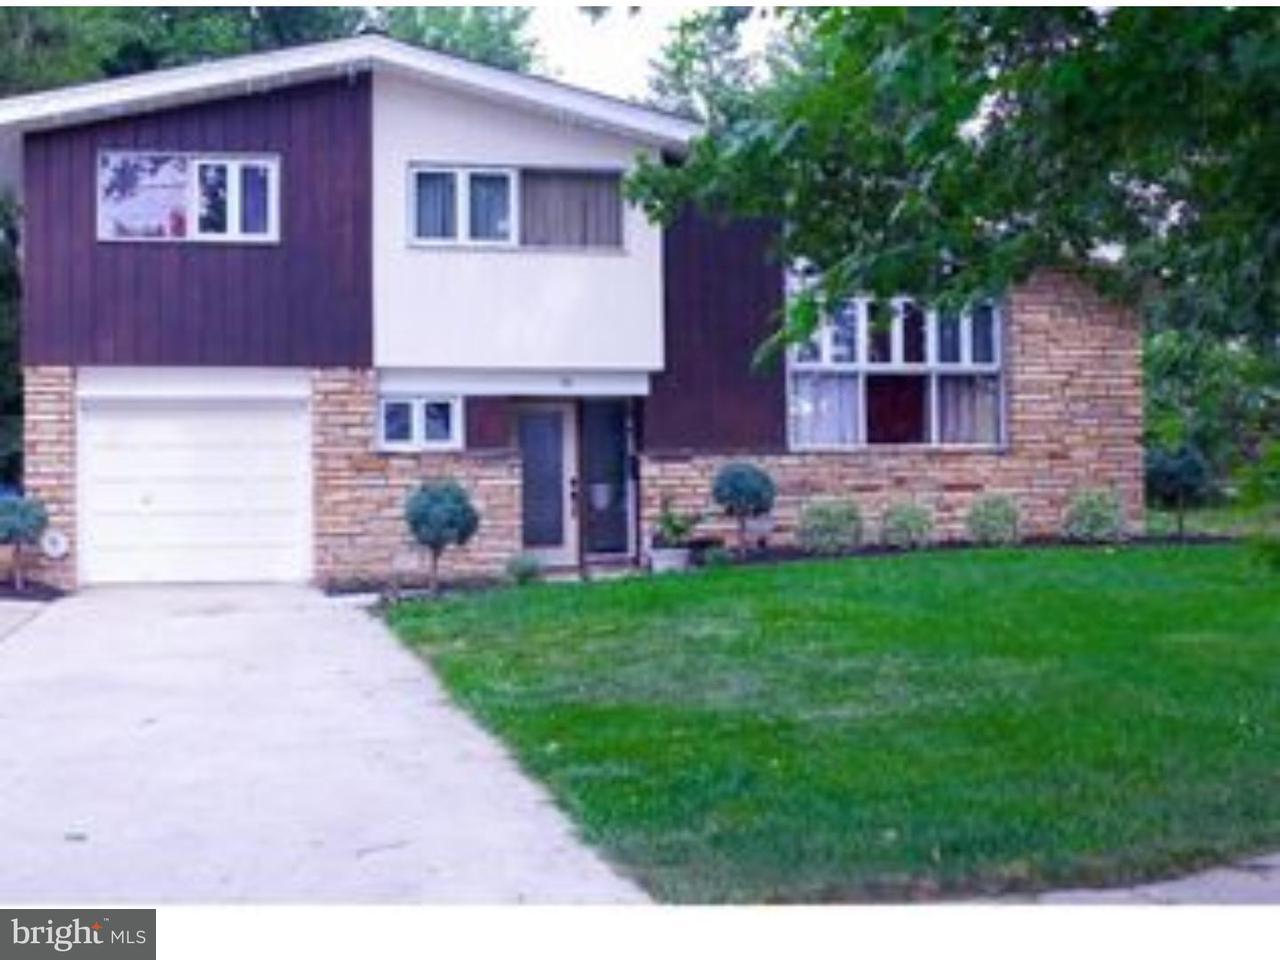 Частный односемейный дом для того Аренда на 75 S MAPLE Avenue Evesham Twp, Нью-Джерси 08053 Соединенные Штаты